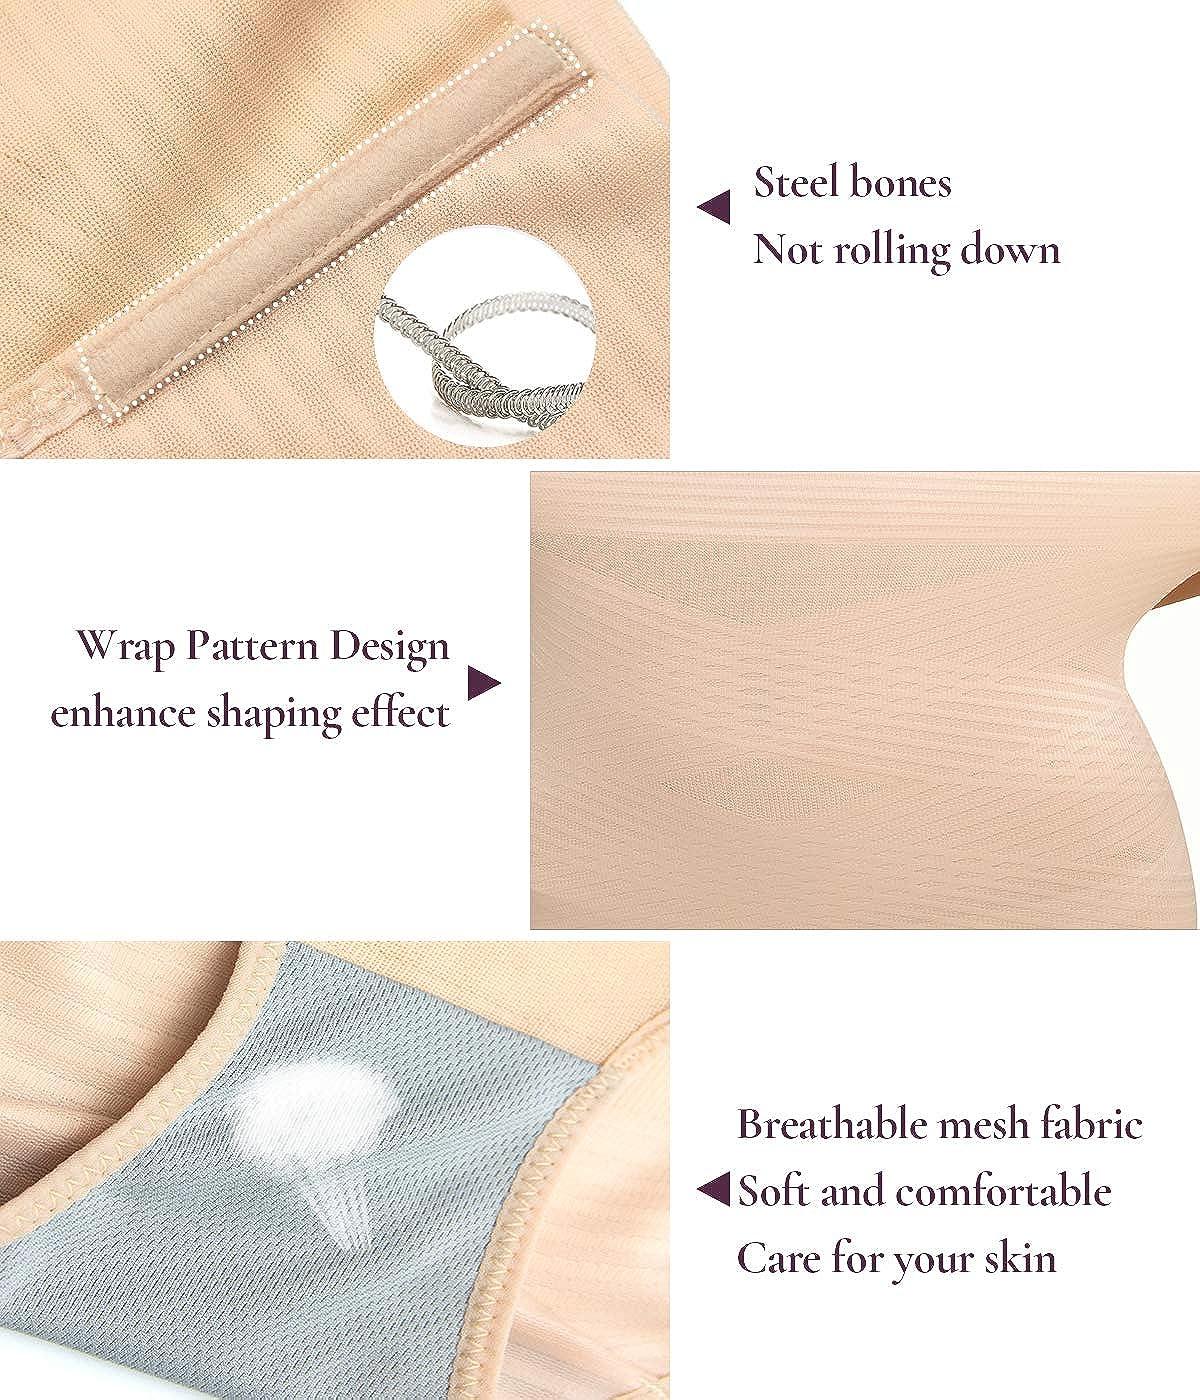 COMFREE Contenitiva a Vita Alta Mutande Invisibile Contenitive Slip Intimo Shapewear Modellante Guaina da Donna Pancia Snellente Underpant da Taglie Forti Dimagrante Shaper